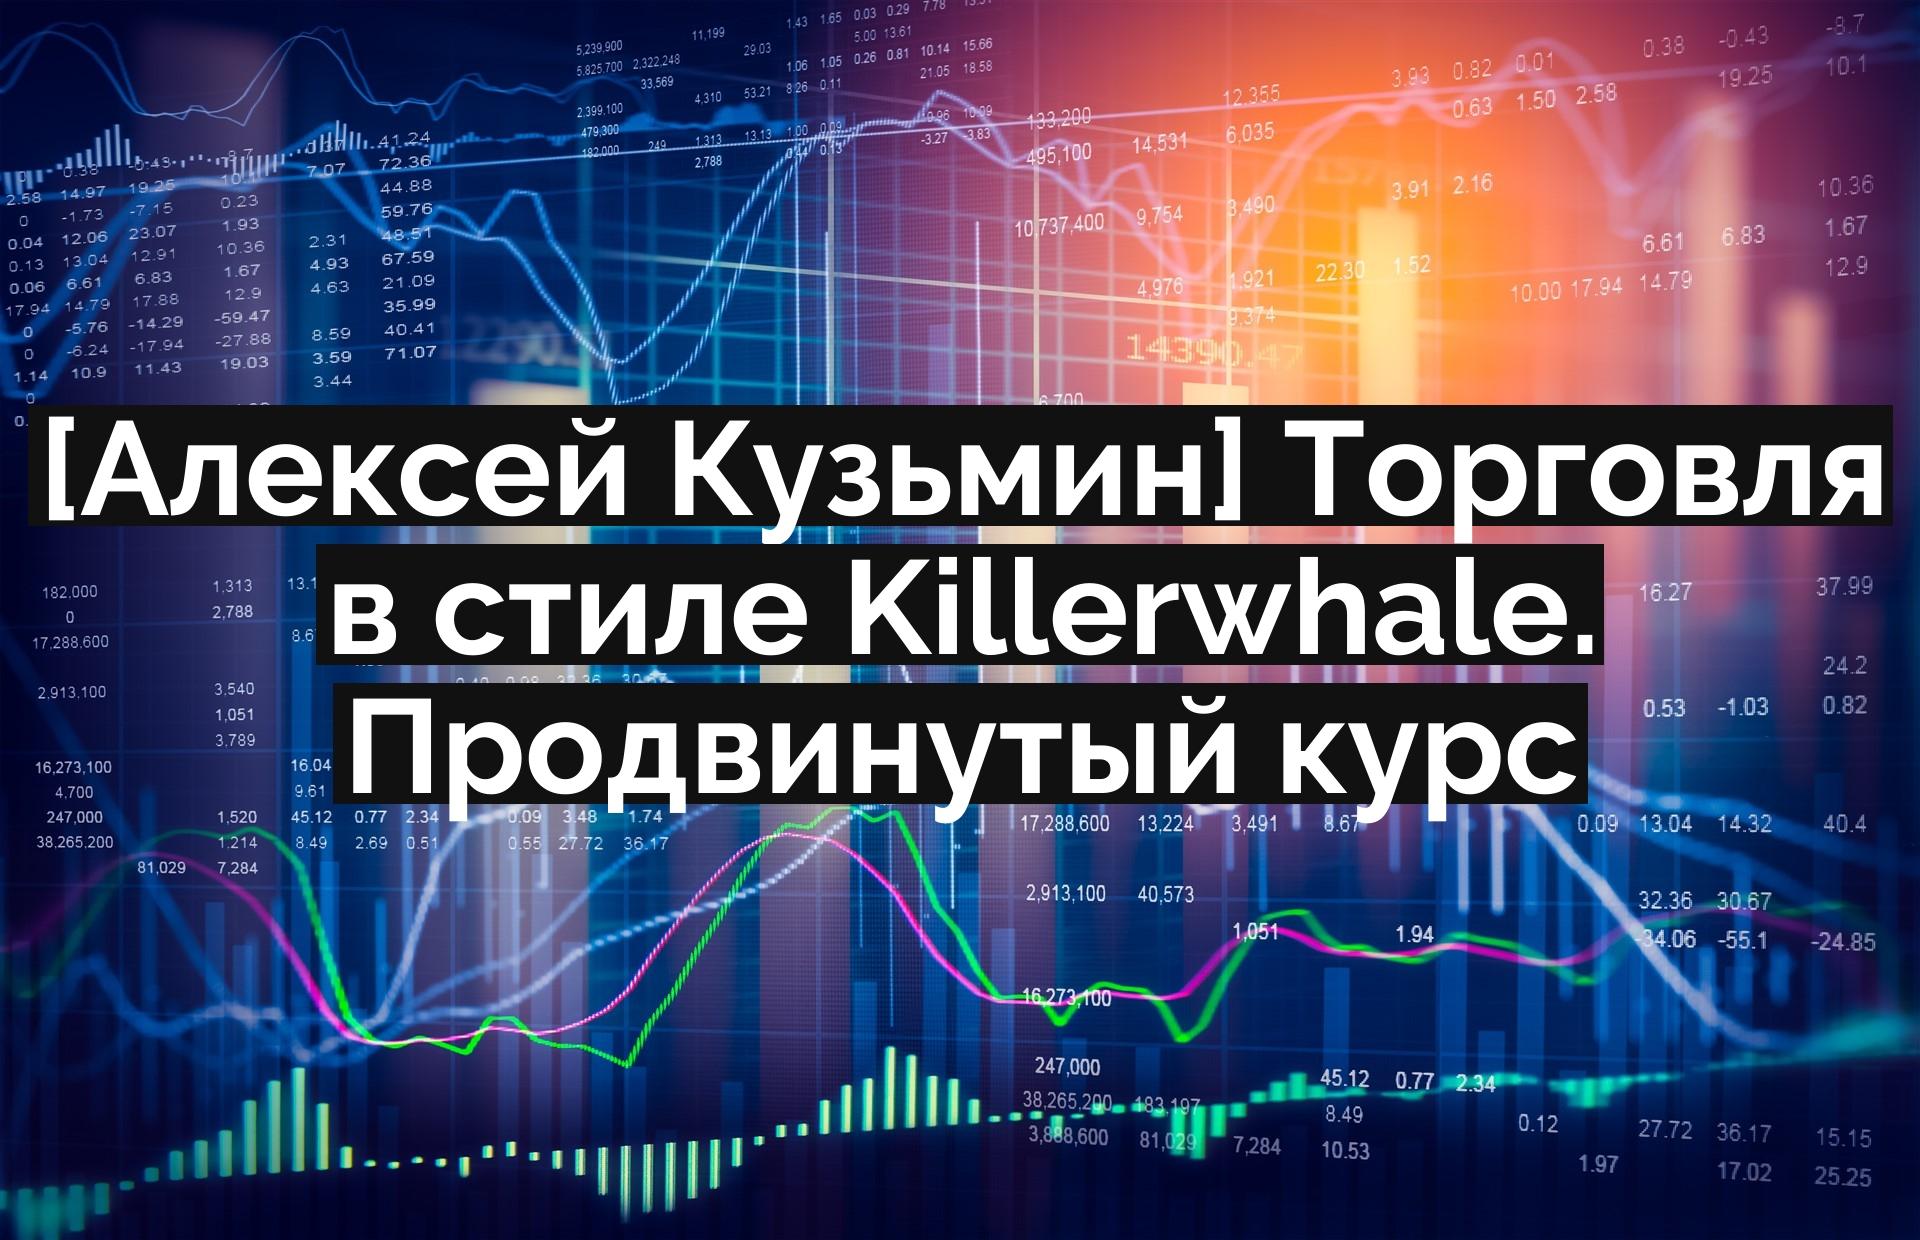 [Алексей Кузьмин] Торговля в стиле Killerwhale. Продвинутый курс